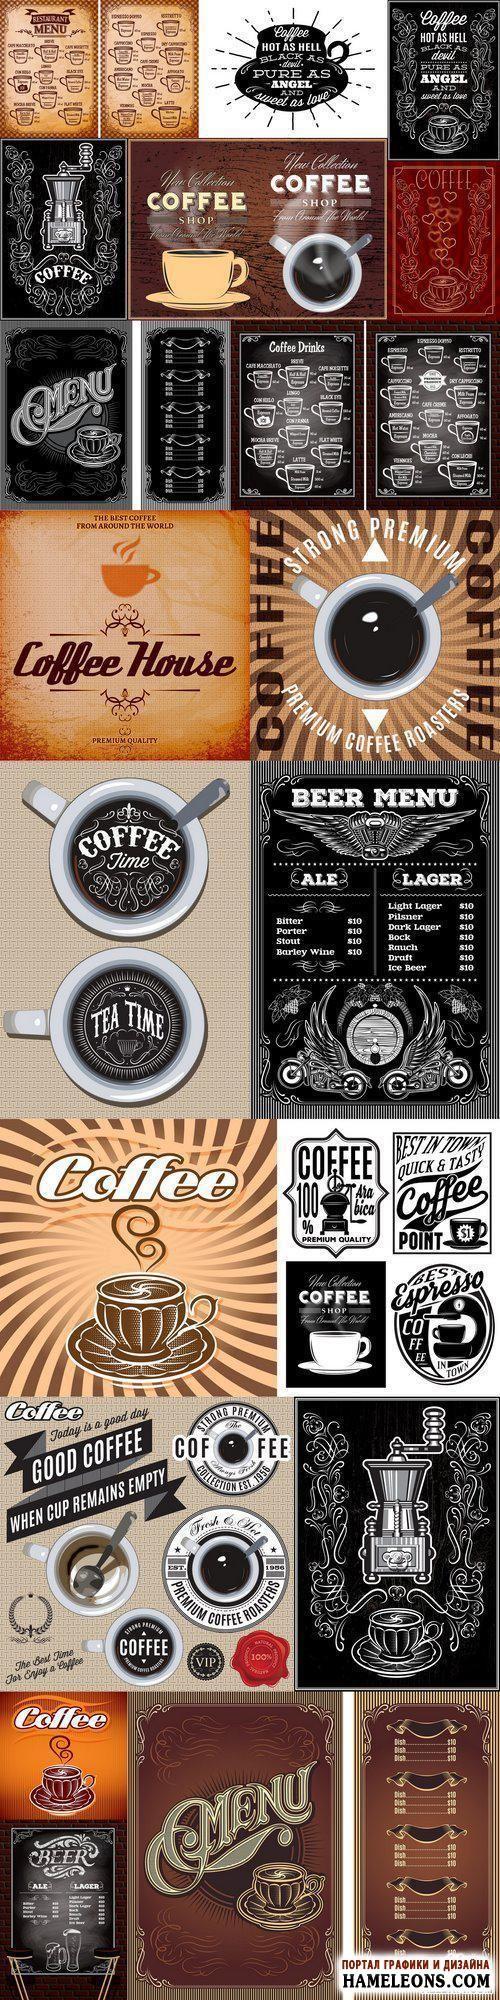 Шаблоны меню для кофейни - векторный клипарт | Menu template for an coffee…